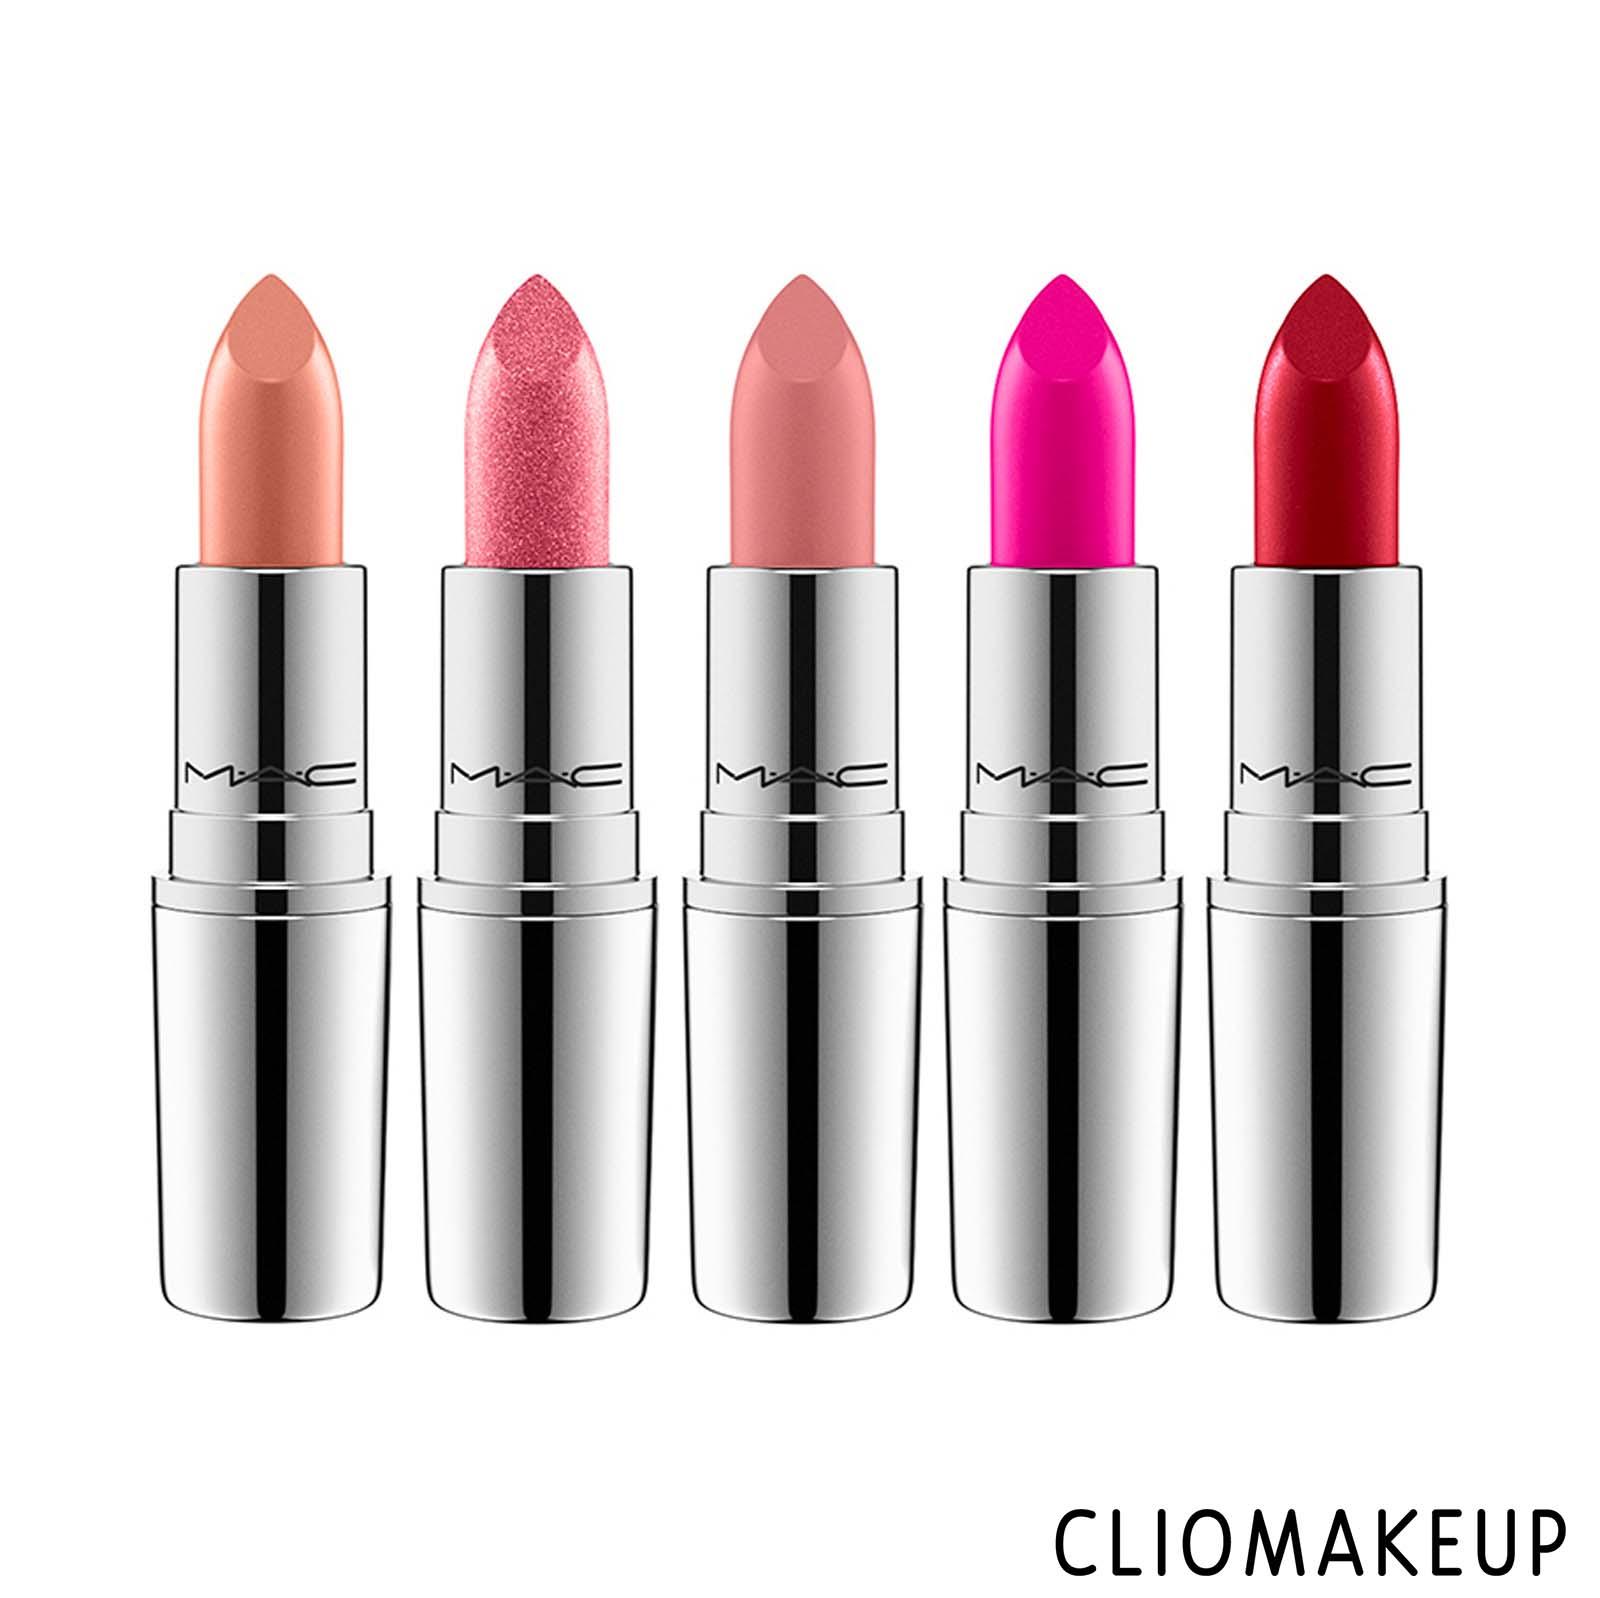 cliomakeup-recensione-rossetto-mac-shiny-pretty-lipstick-3